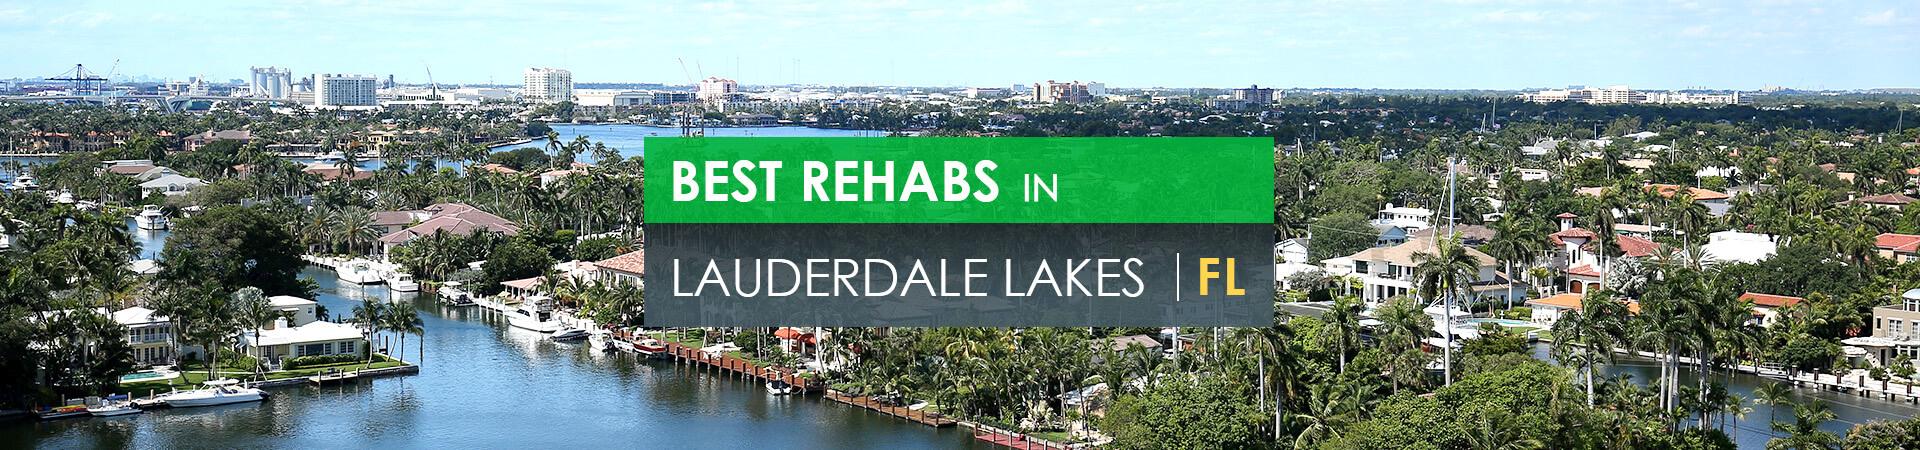 Best rehabs in Lauderdale Lakes, FL